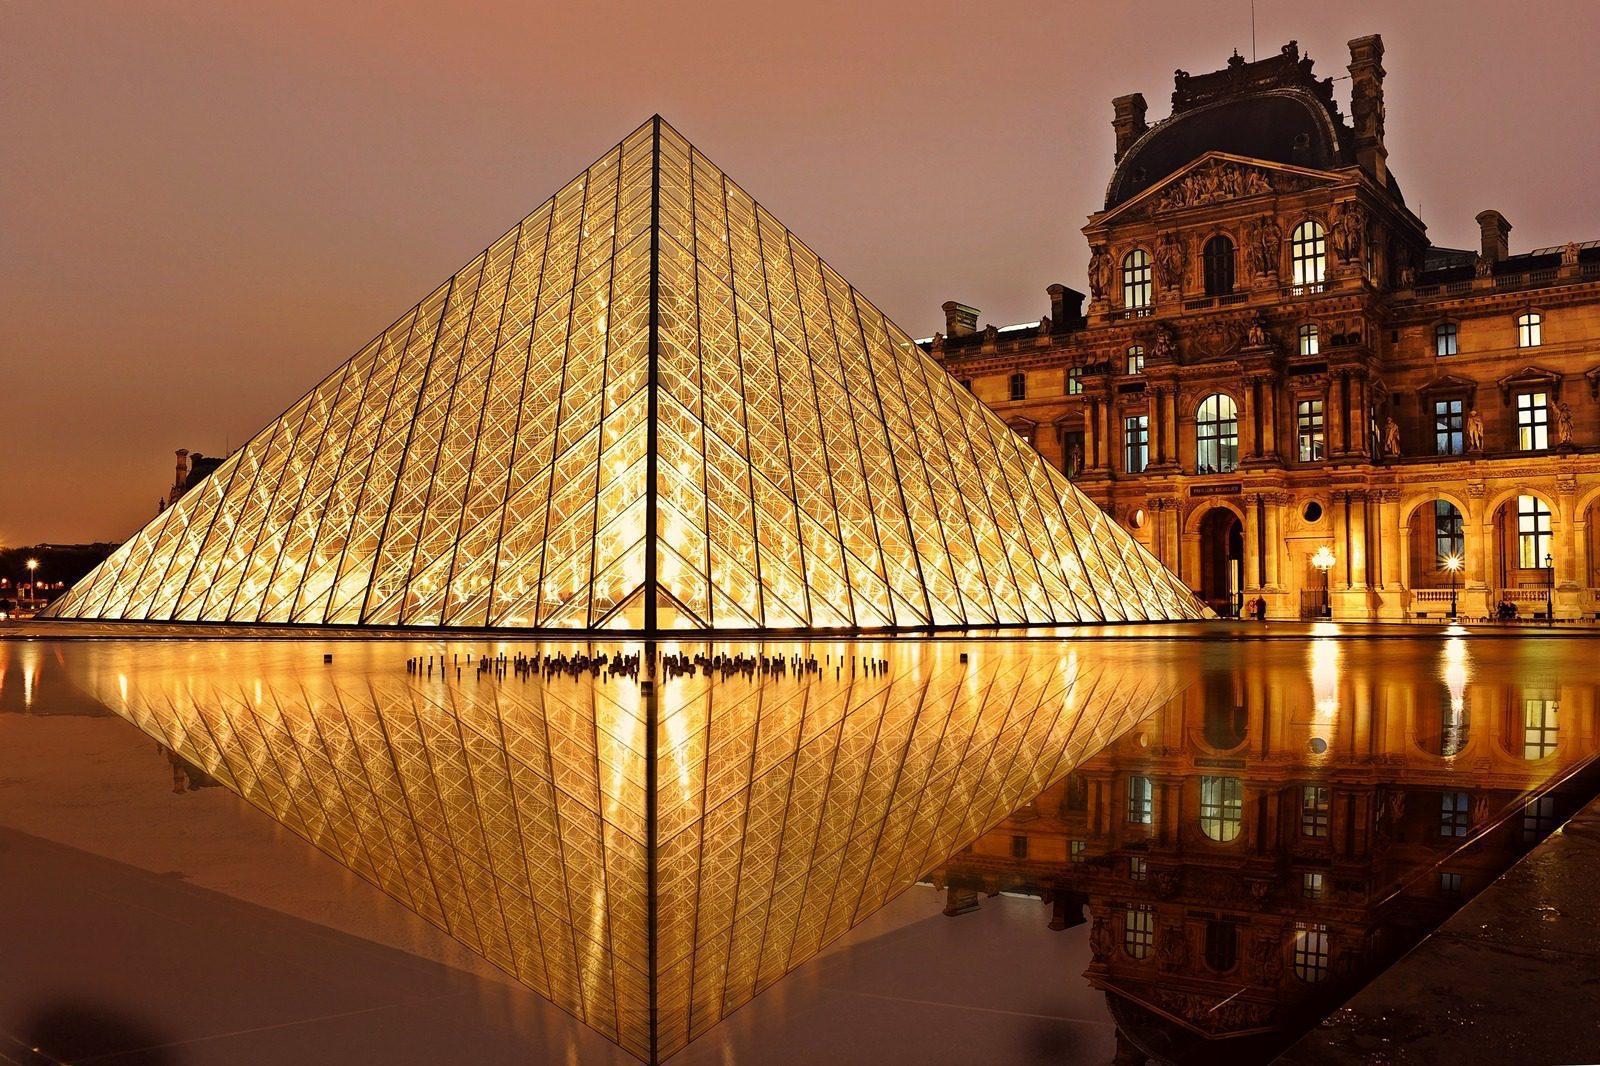 Pyramide du Louvres à Paris - Quoi faire?